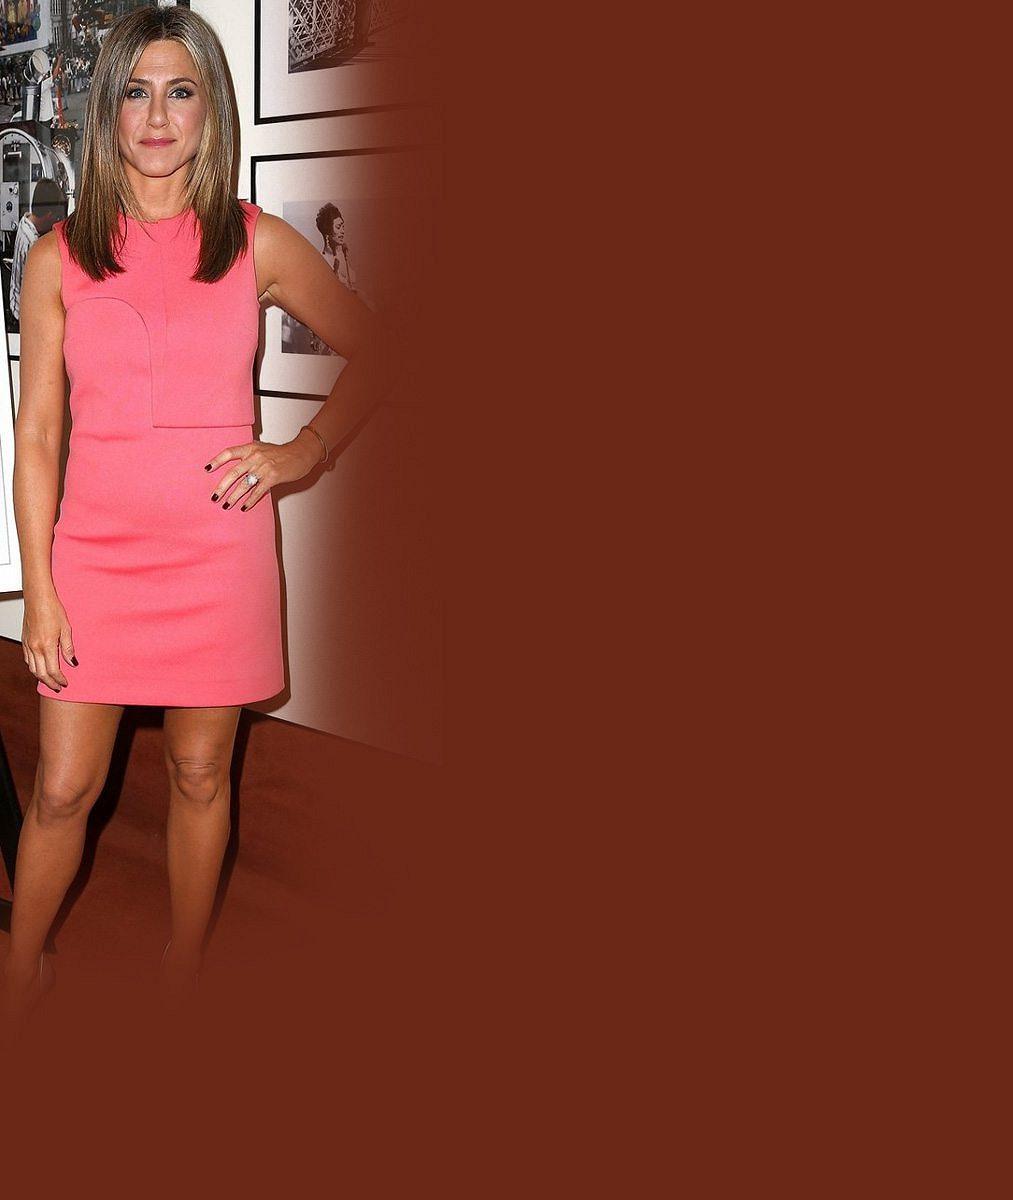 Bude v pětačtyřiceti letech konečně maminkou? Jennifer Aniston ukázala podezřele vypouklé bříško